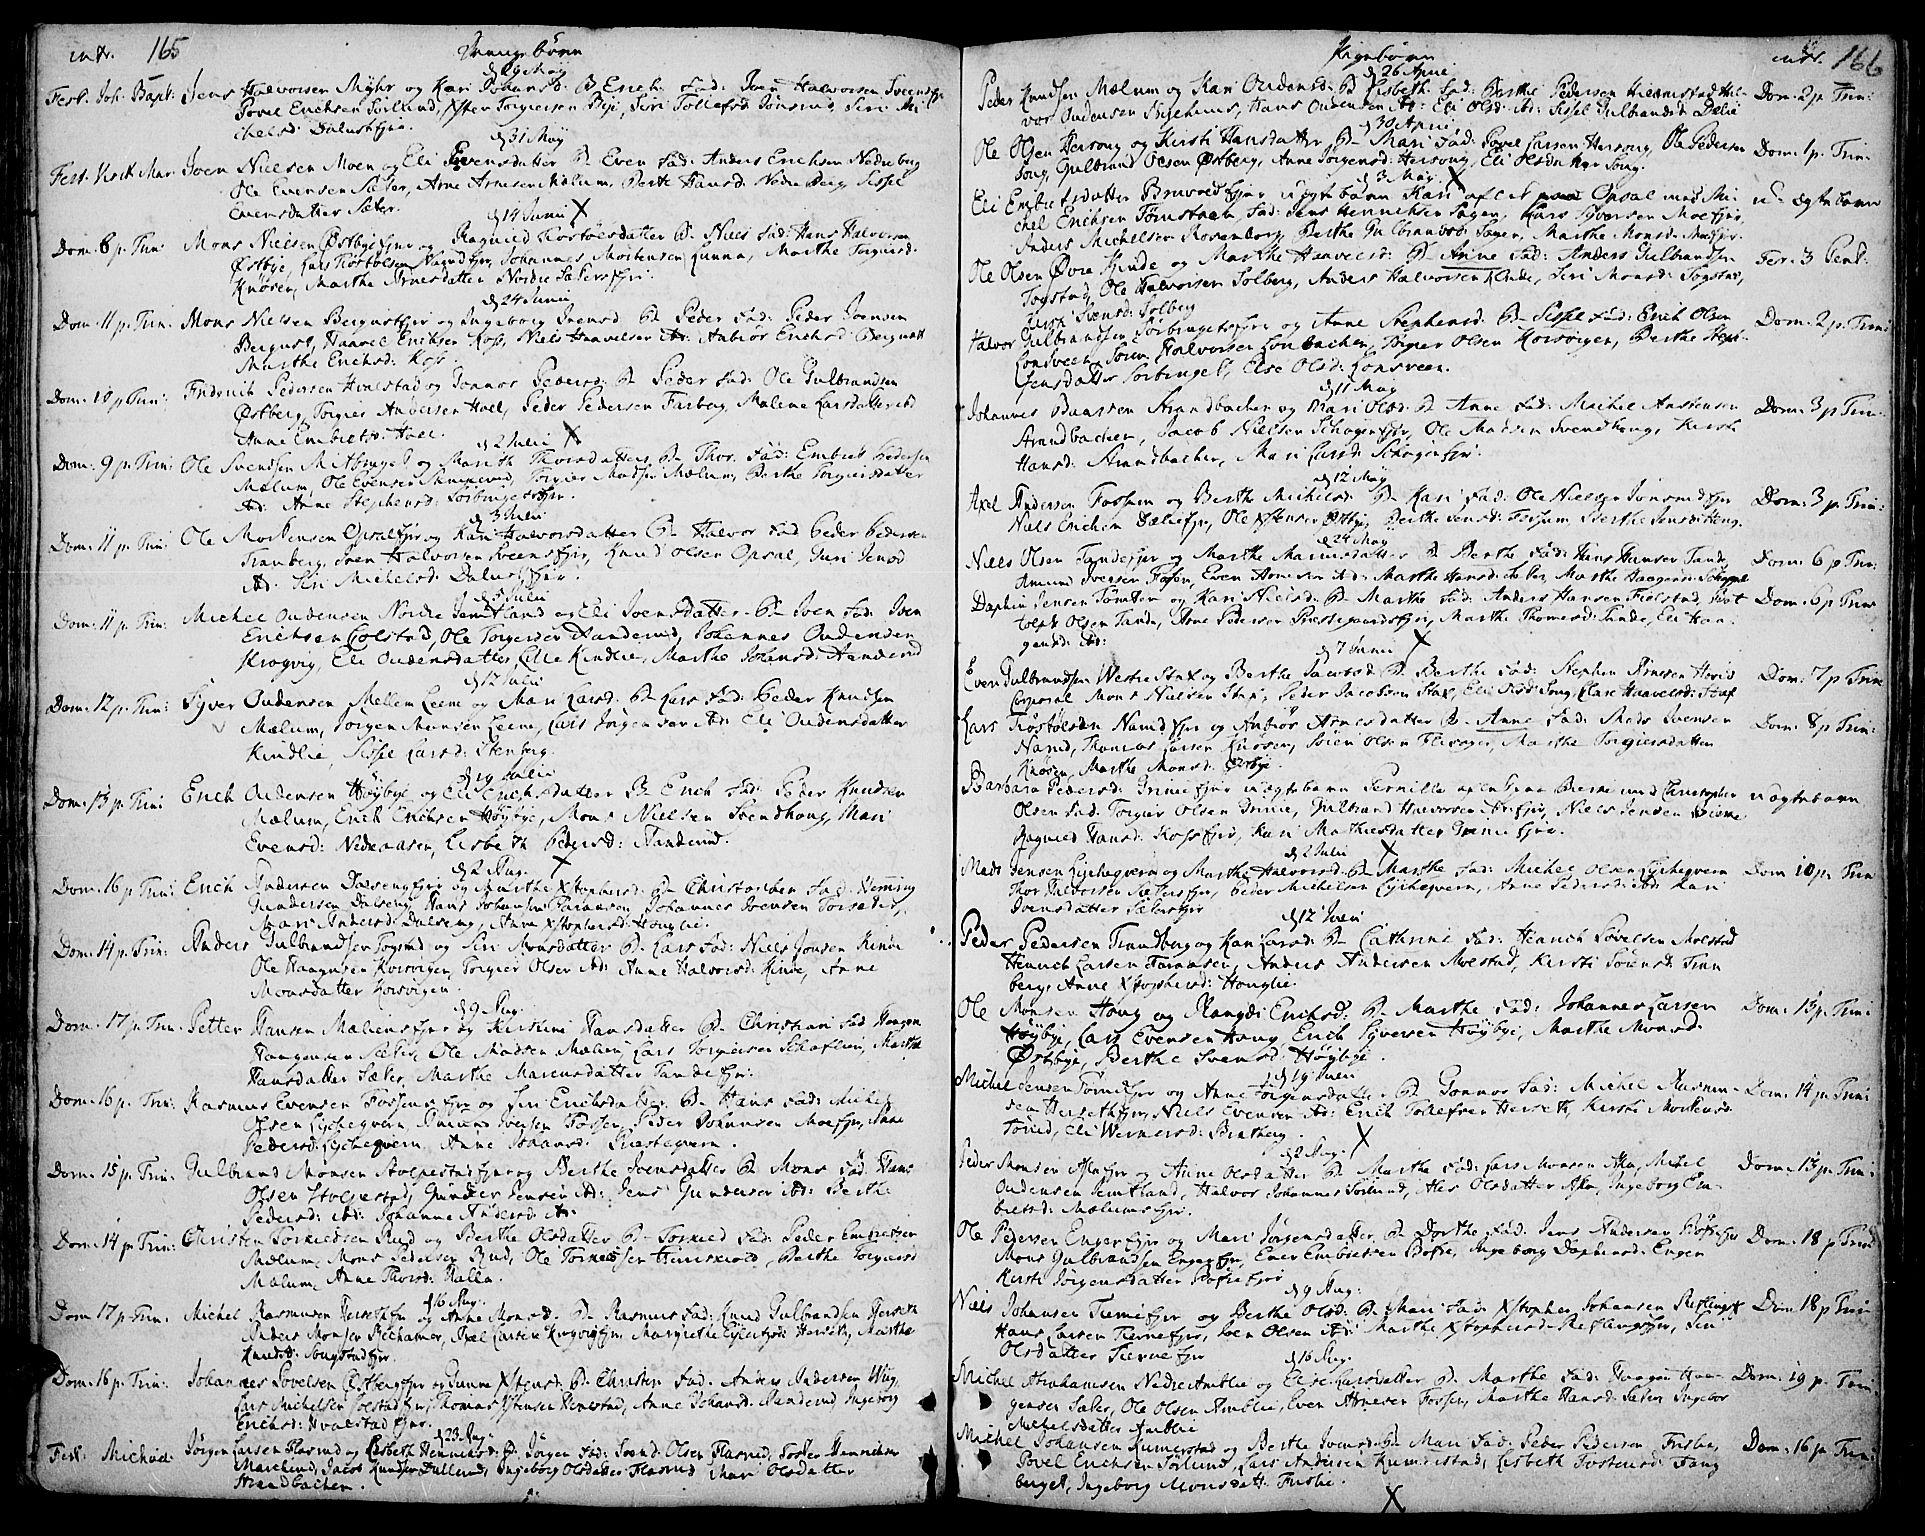 SAH, Ringsaker prestekontor, K/Ka/L0002: Ministerialbok nr. 2, 1747-1774, s. 165-166